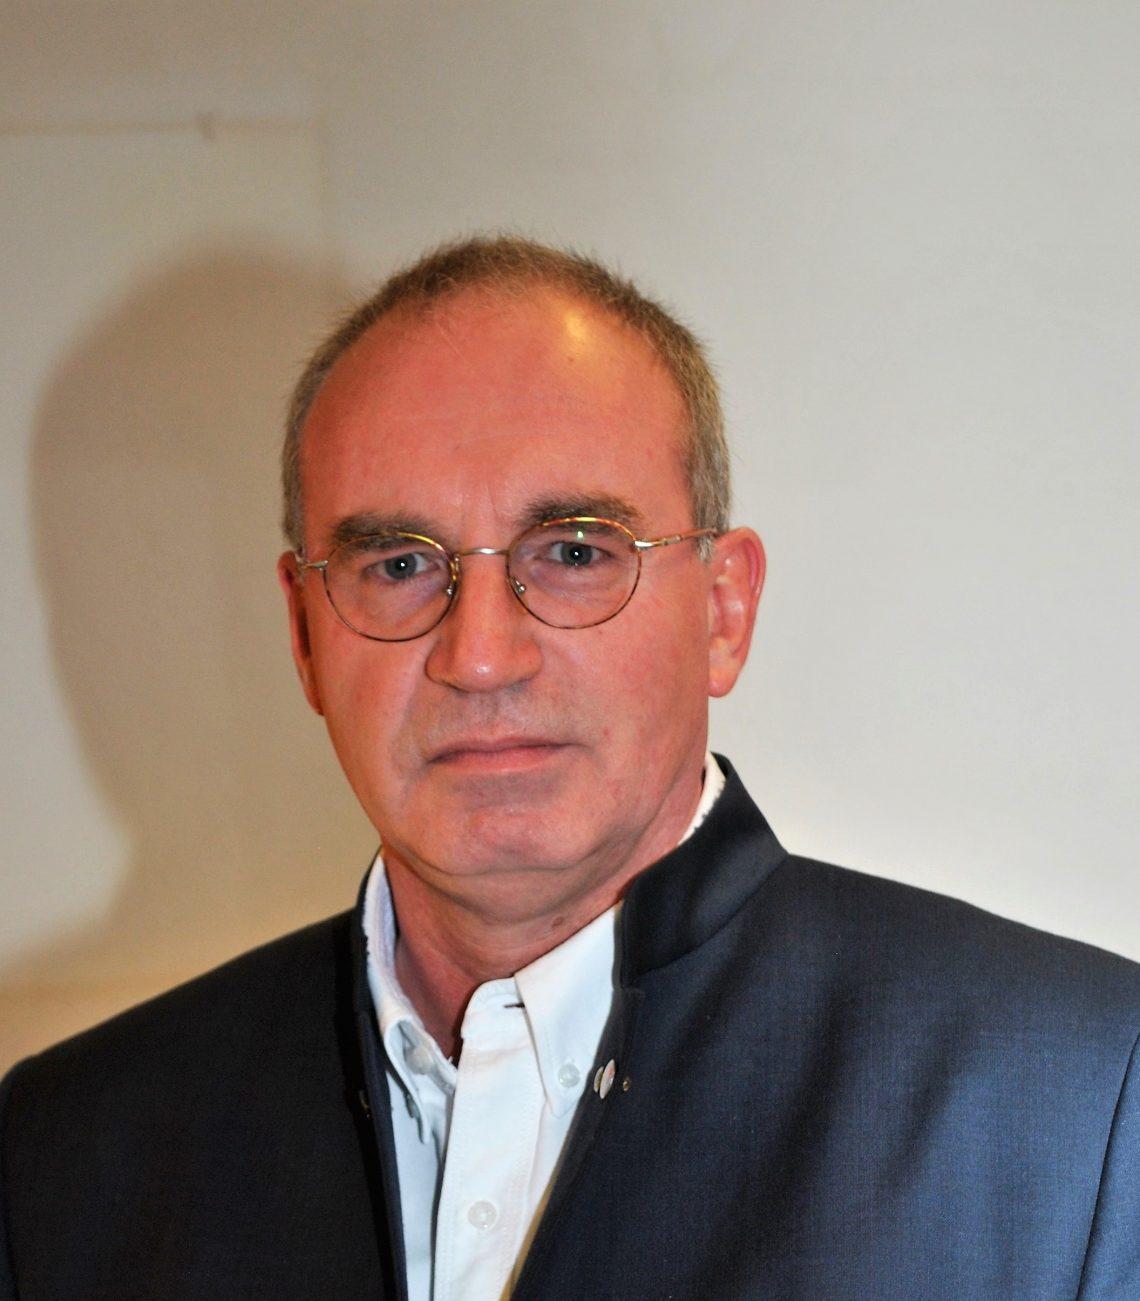 Kniespezialist Hans Kuhlbrodt über Knieprobleme beim Sport